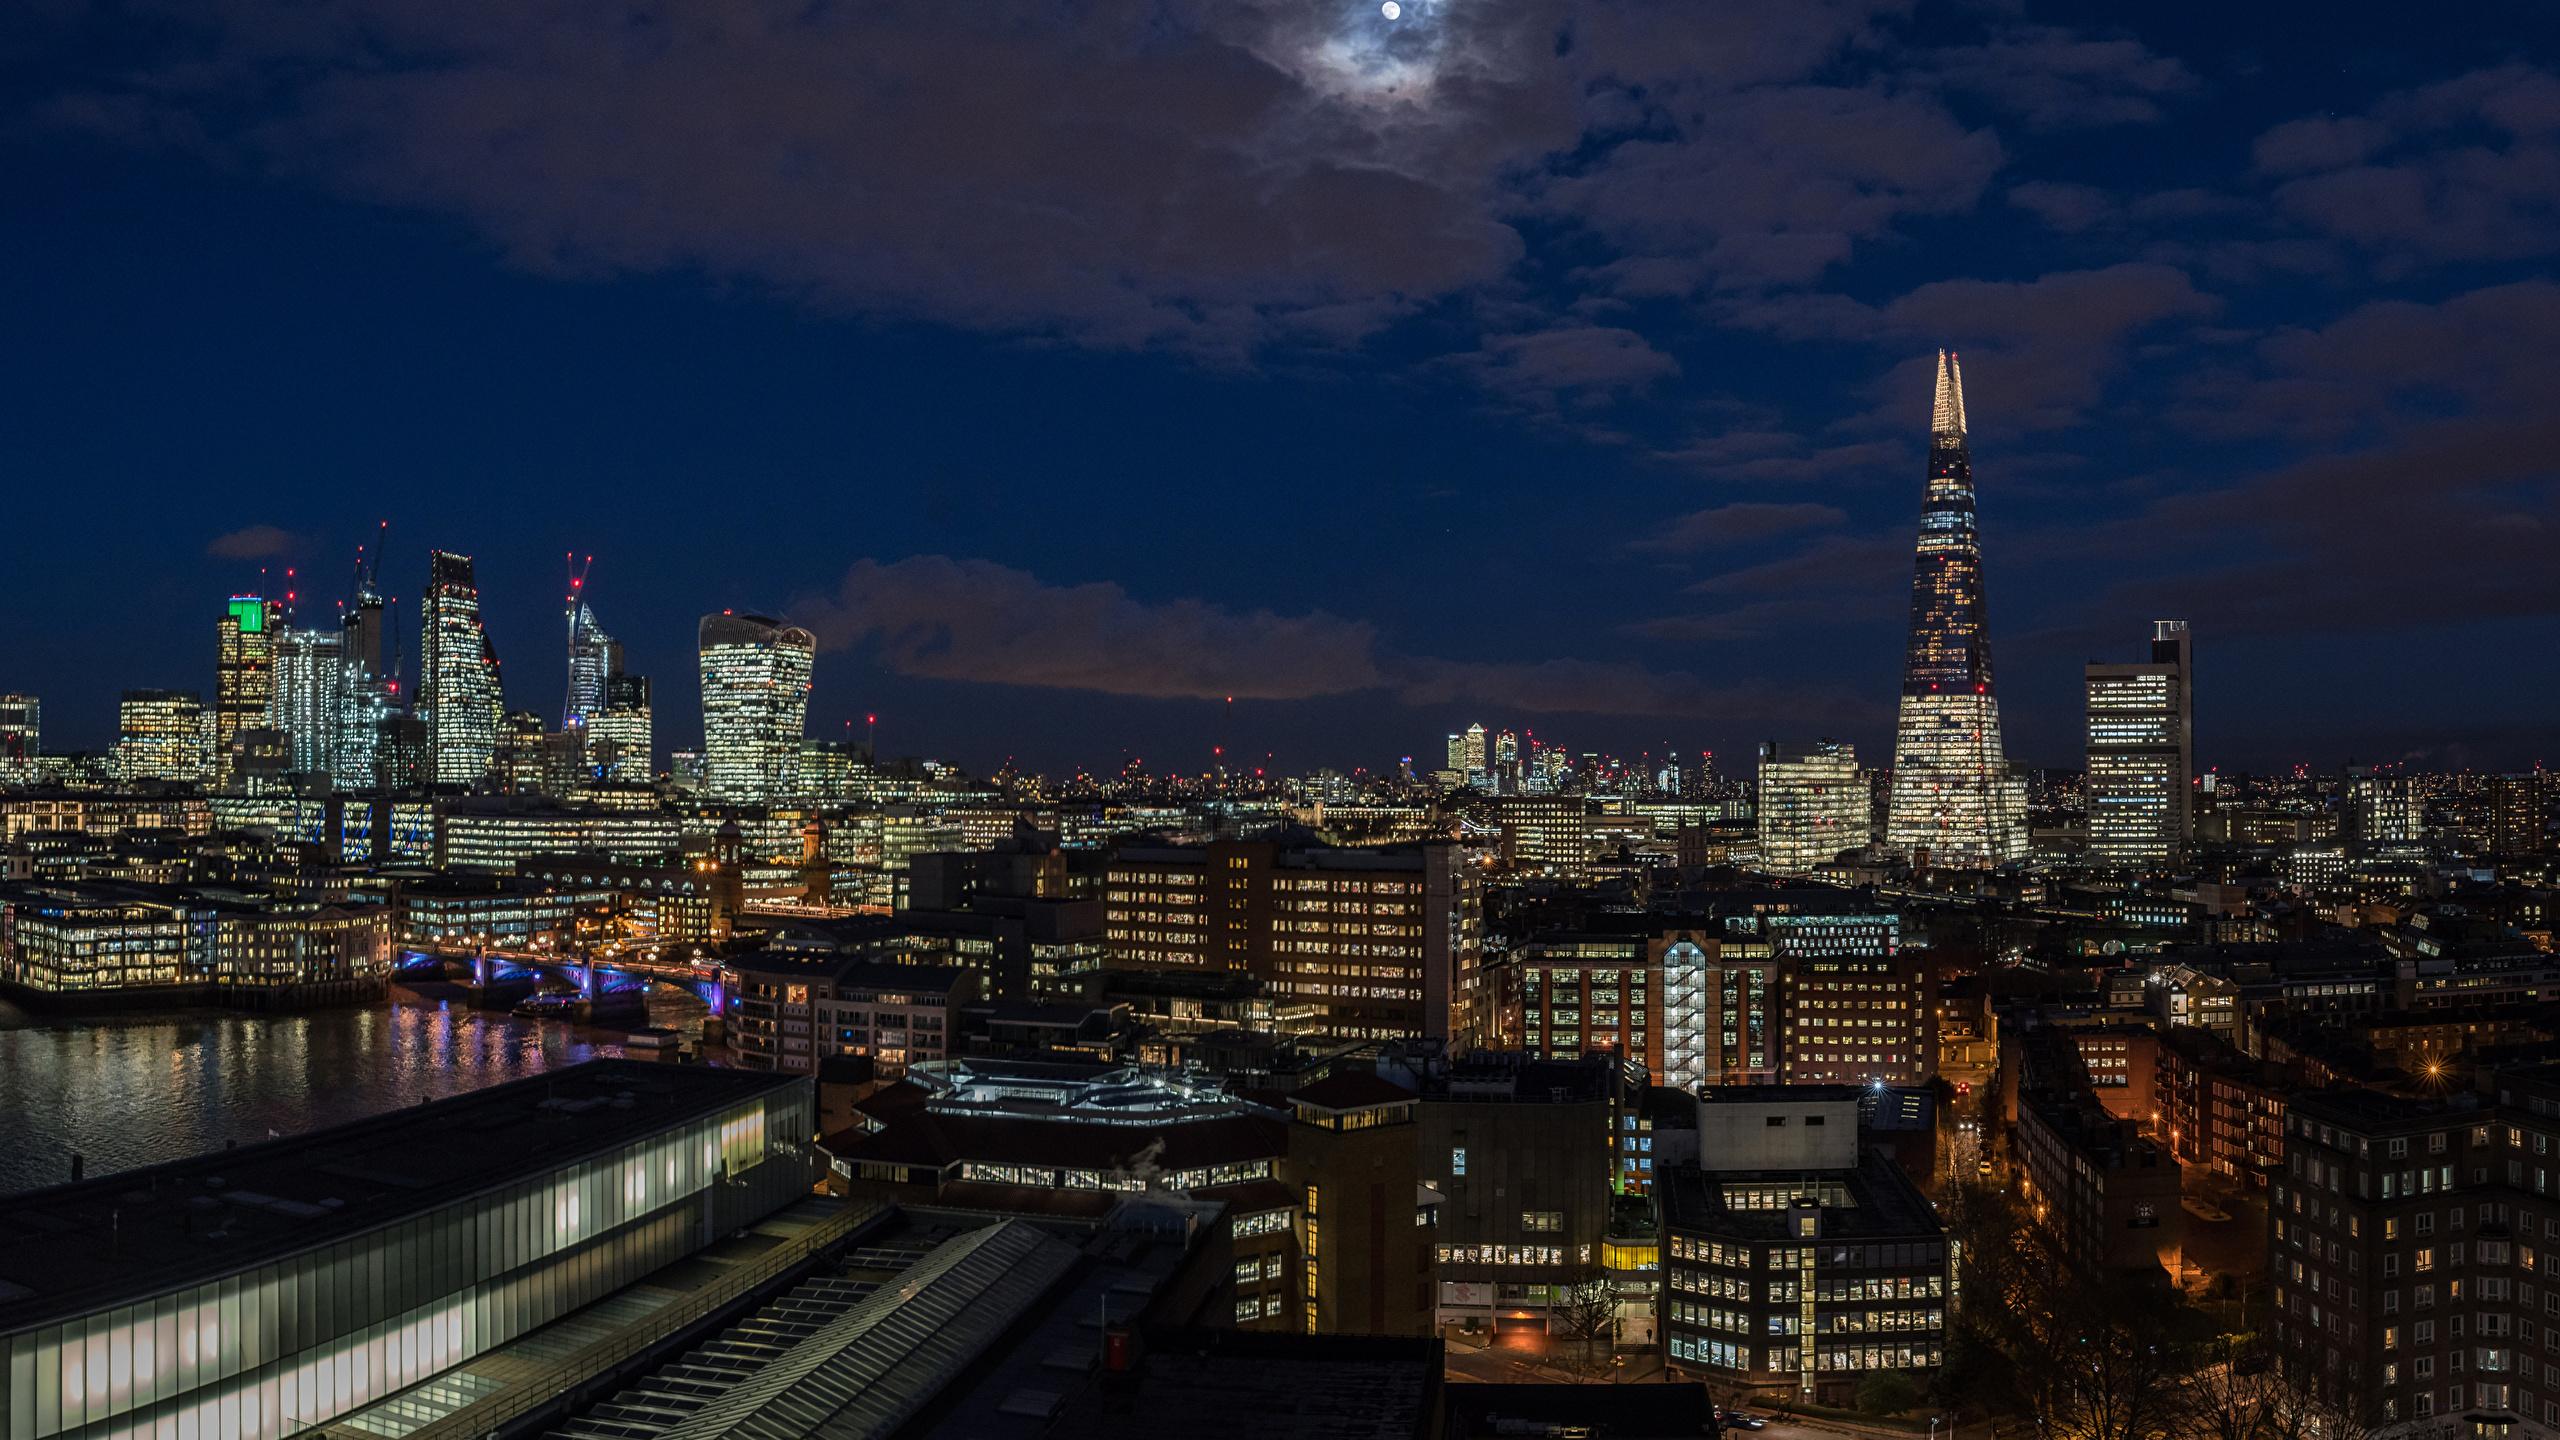 Обои для рабочего стола Лондон Англия луны Небо Ночь Дома город 2560x1440 лондоне Луна луной ночью в ночи Ночные Города Здания